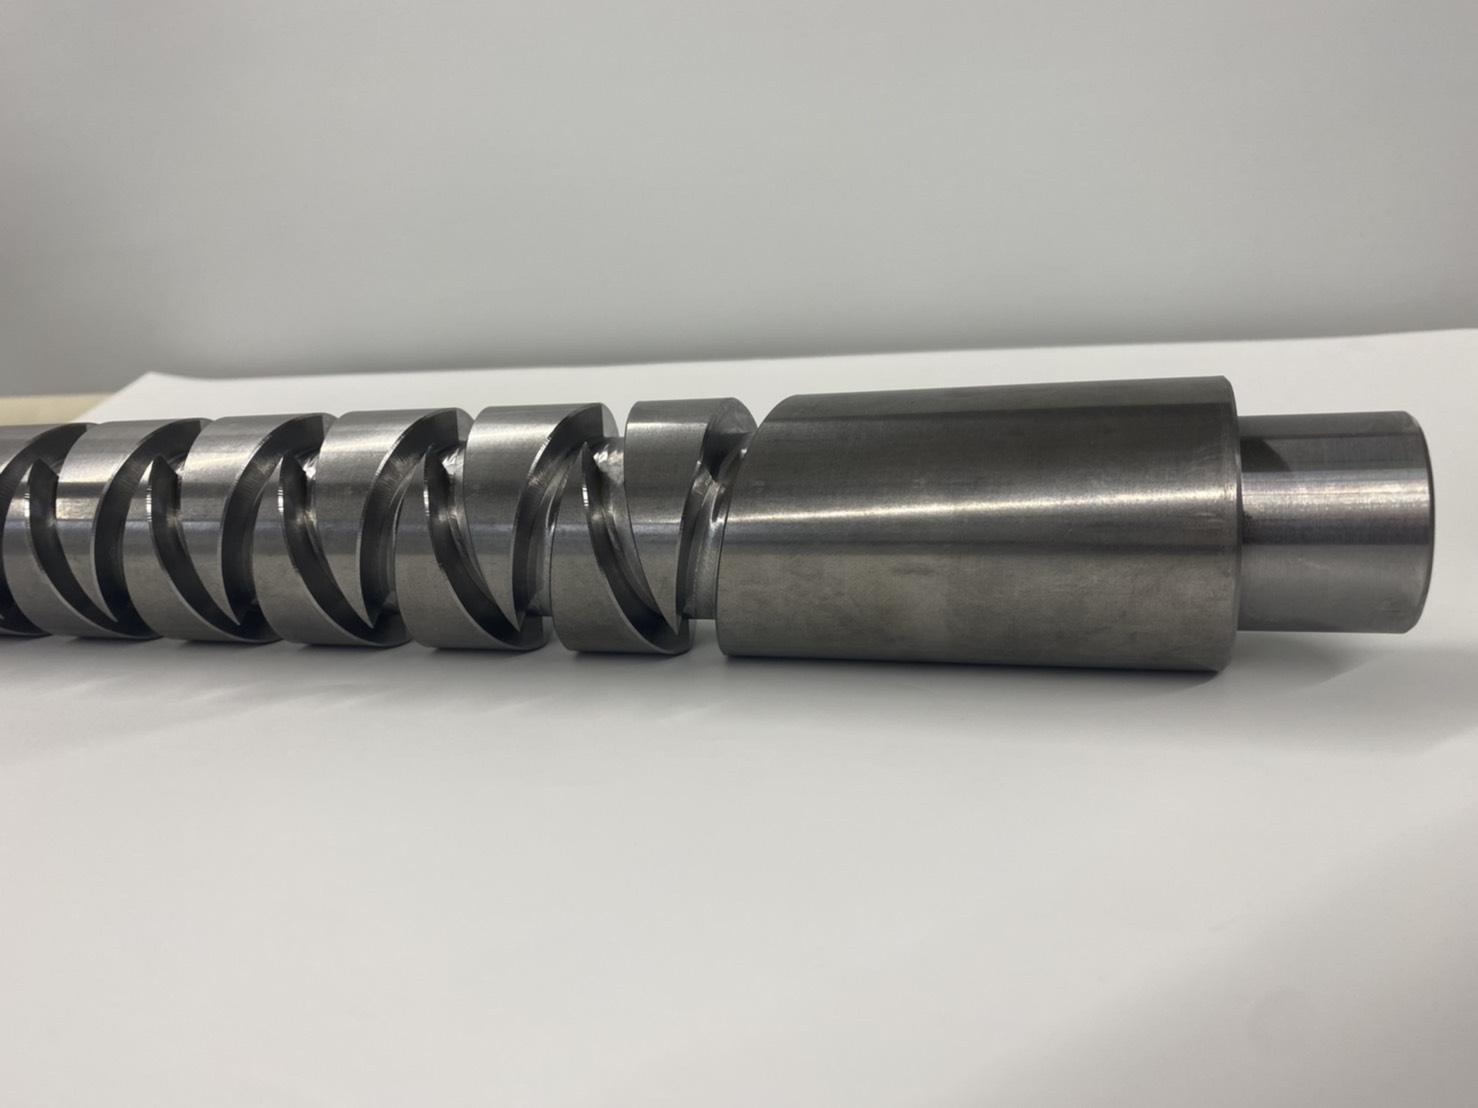 切削加工部品 螺旋溝加工 S45C 5軸マシニング加工